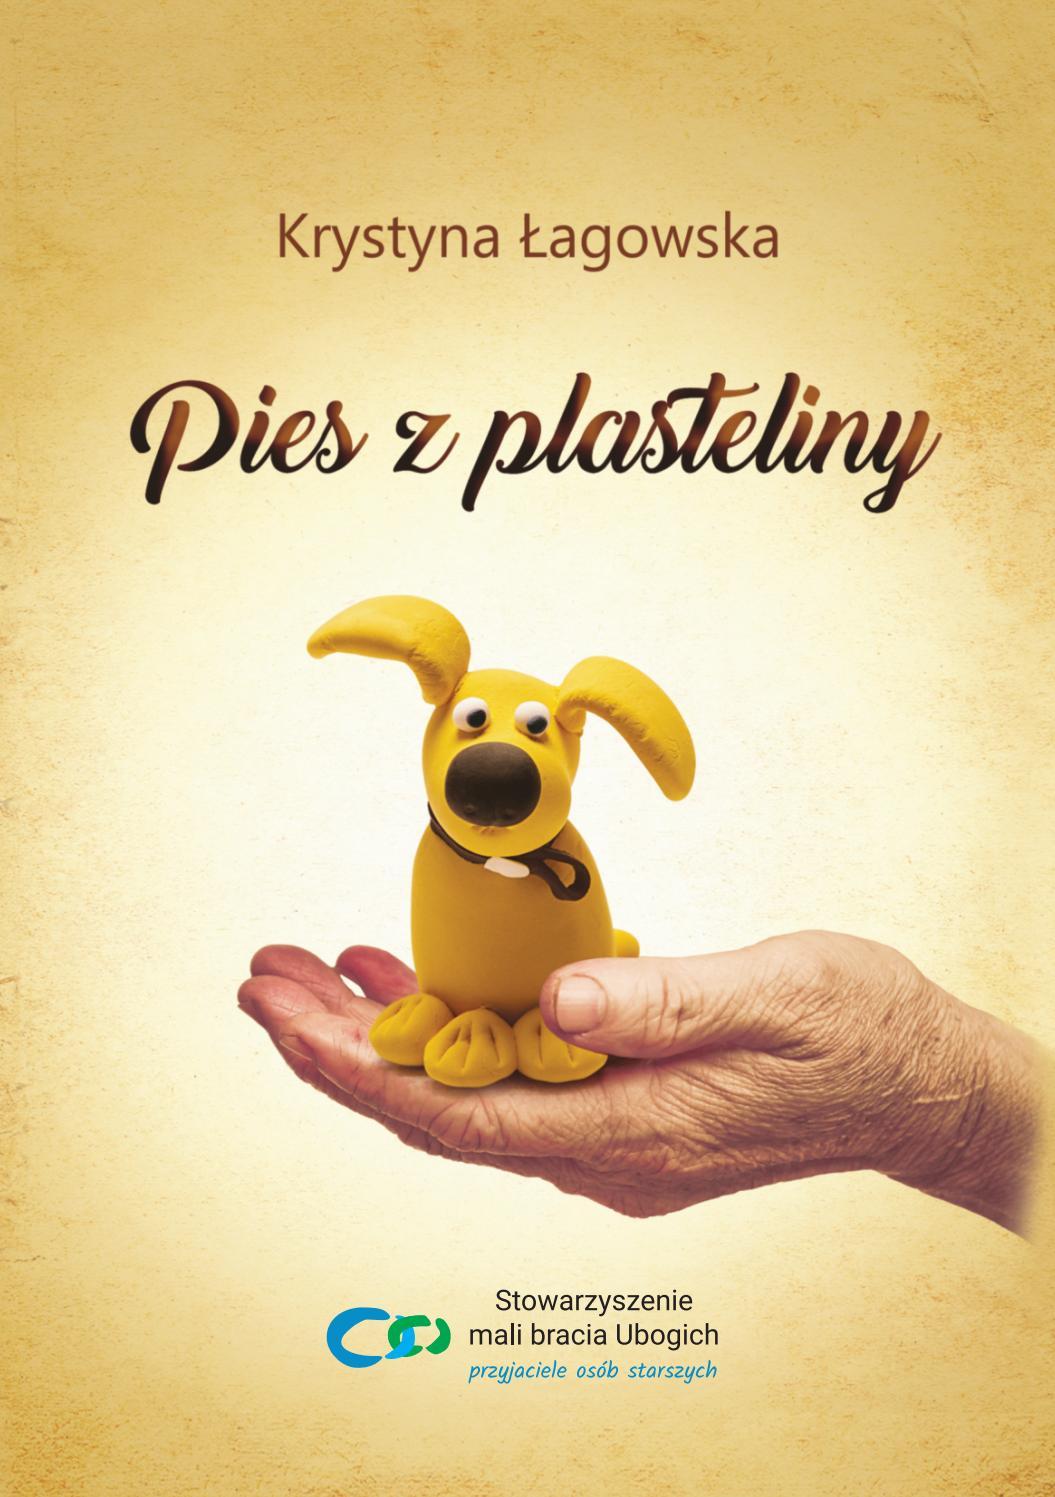 Pies Z Plasteliny Aut Krystyna łagowska Przeczytaj All